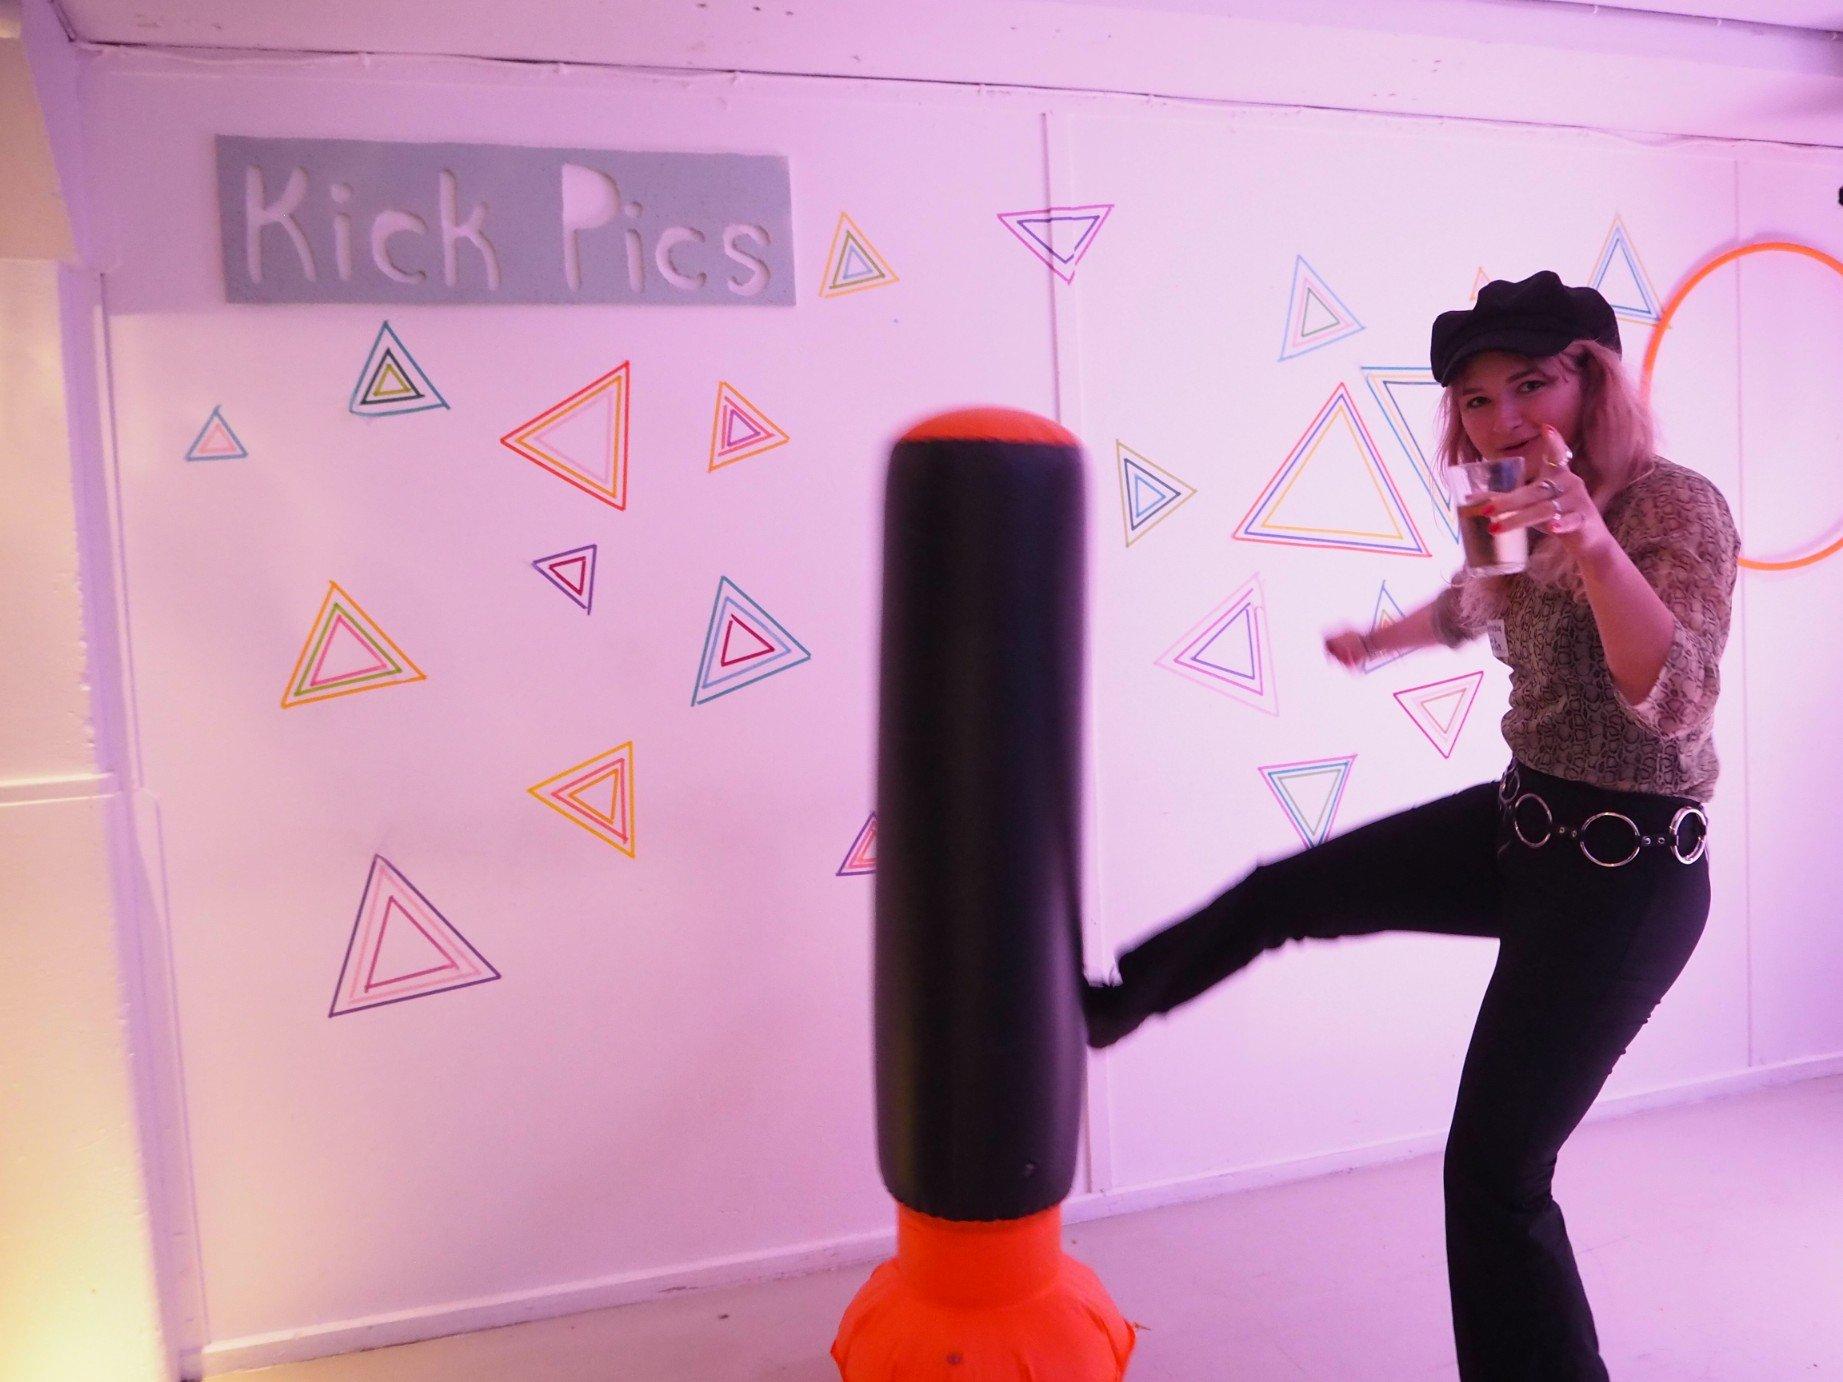 CelebratingKickassWomen KickassWomanChallenge P1010002.jCelebratingKickassWomen KickassWomanChallenge Pg